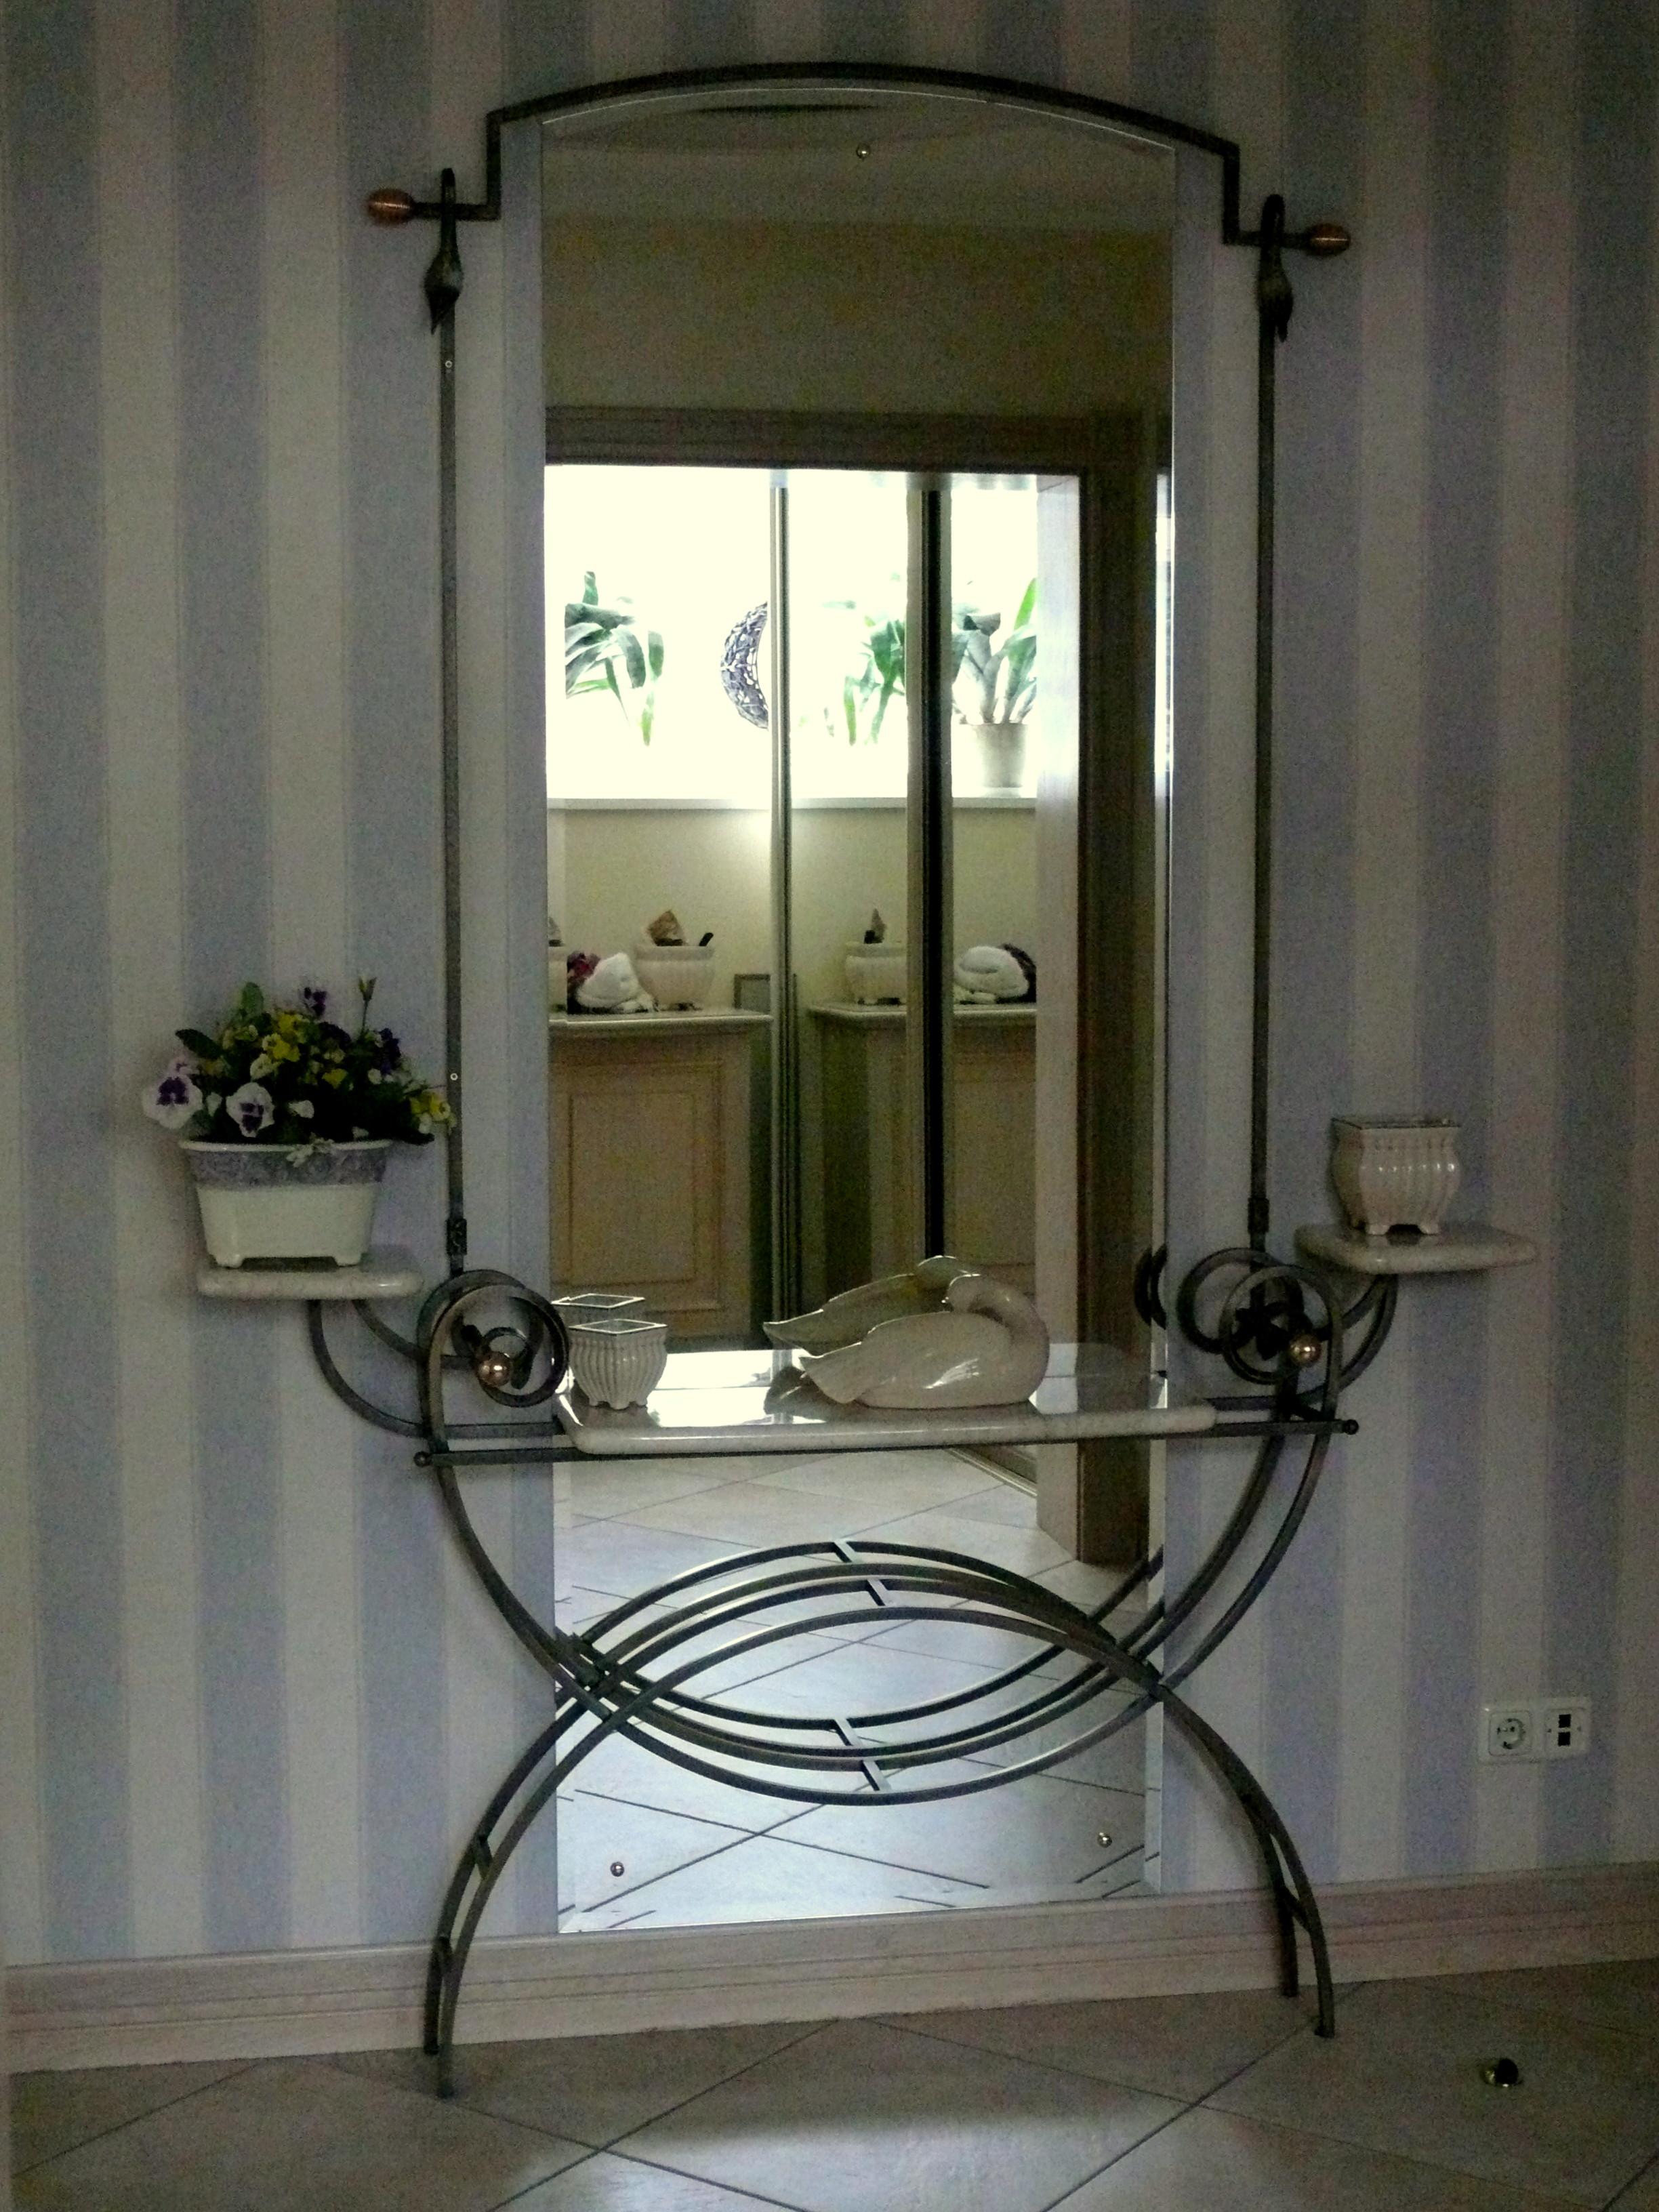 Wrought Iron In Home Decor L Essenziale